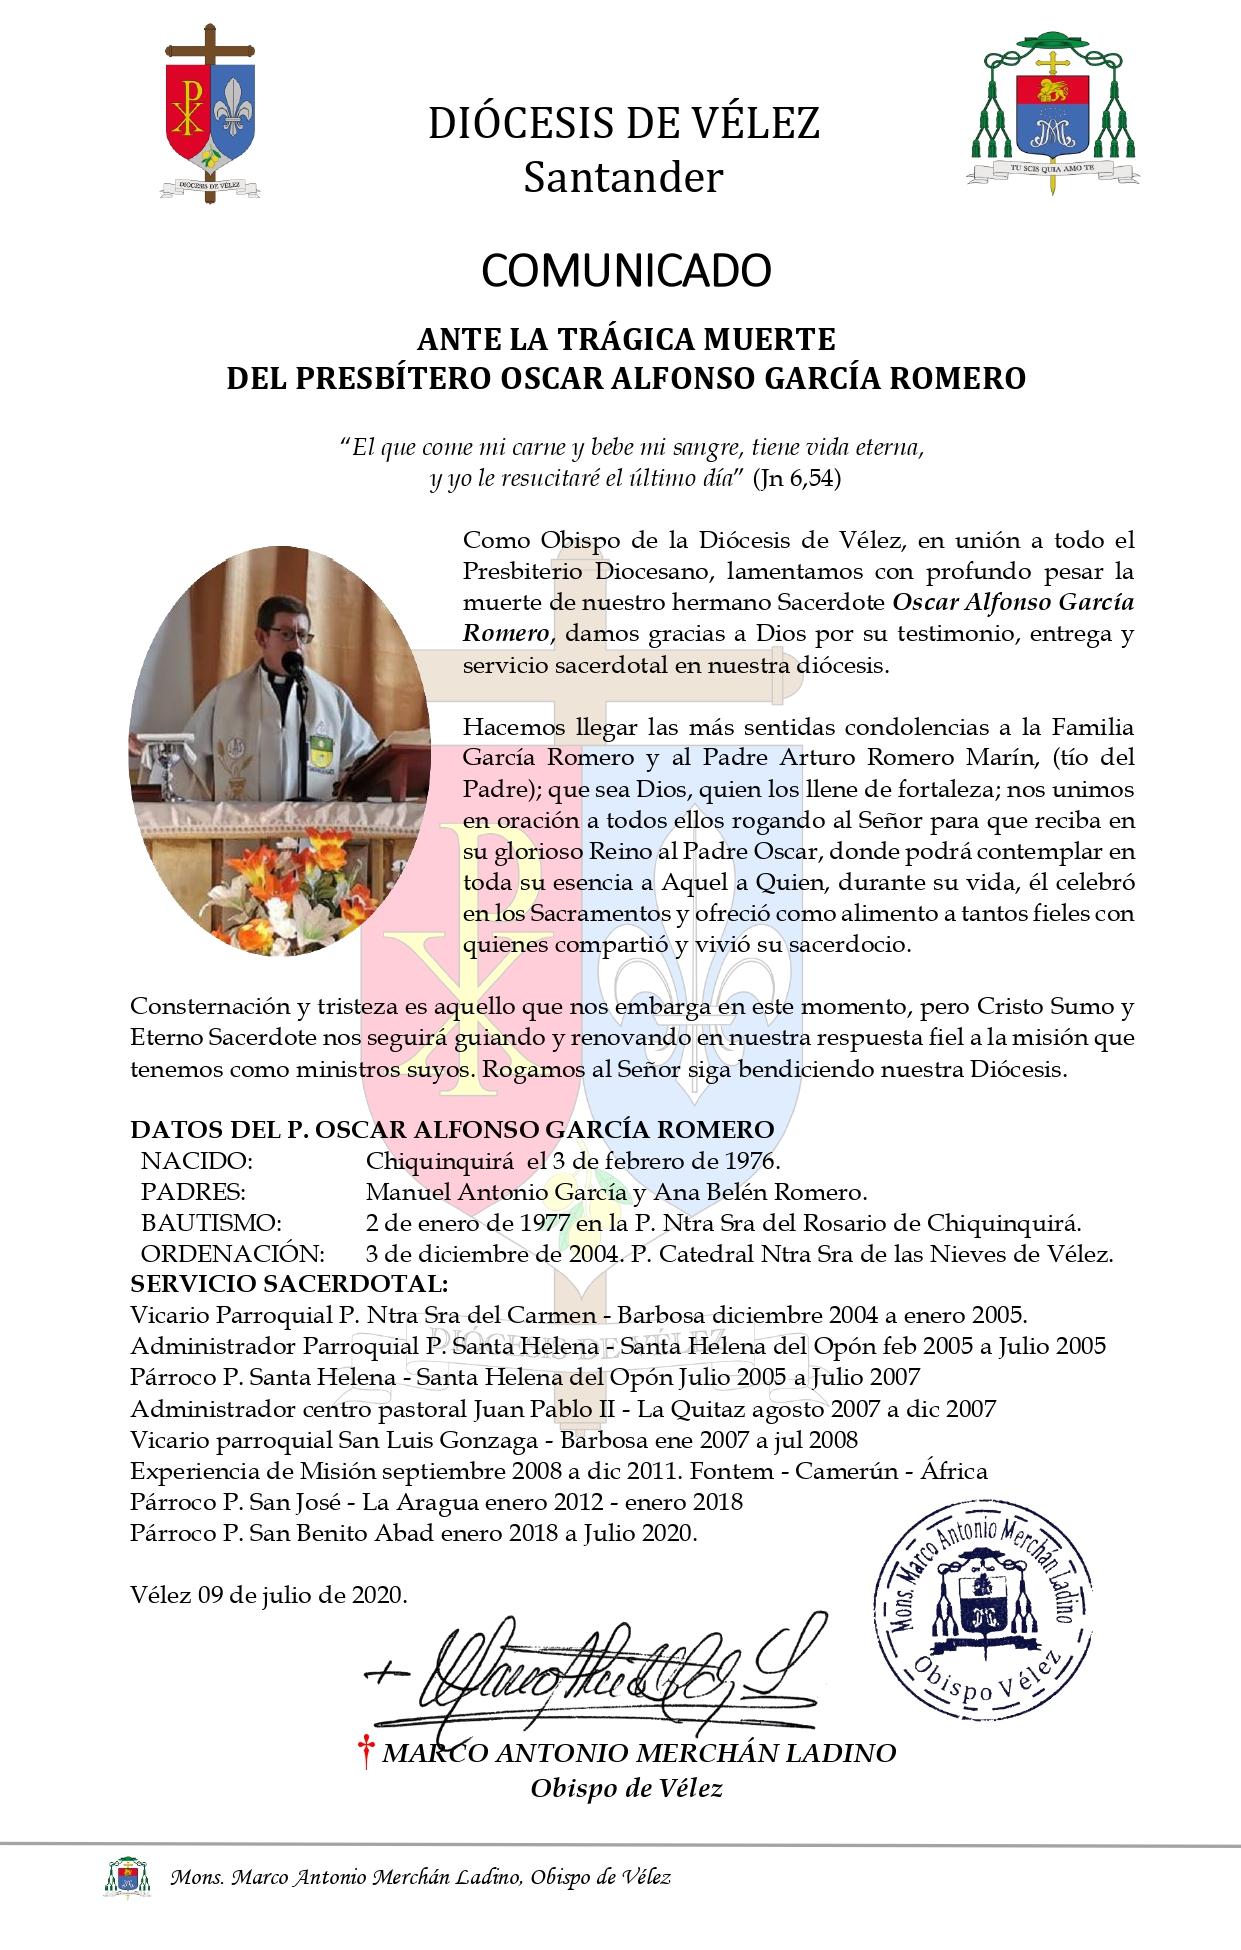 9. COMUNICADO DE MONSEÑOR MARCO ANTONIO MERCHÁN LADINO_page-0001